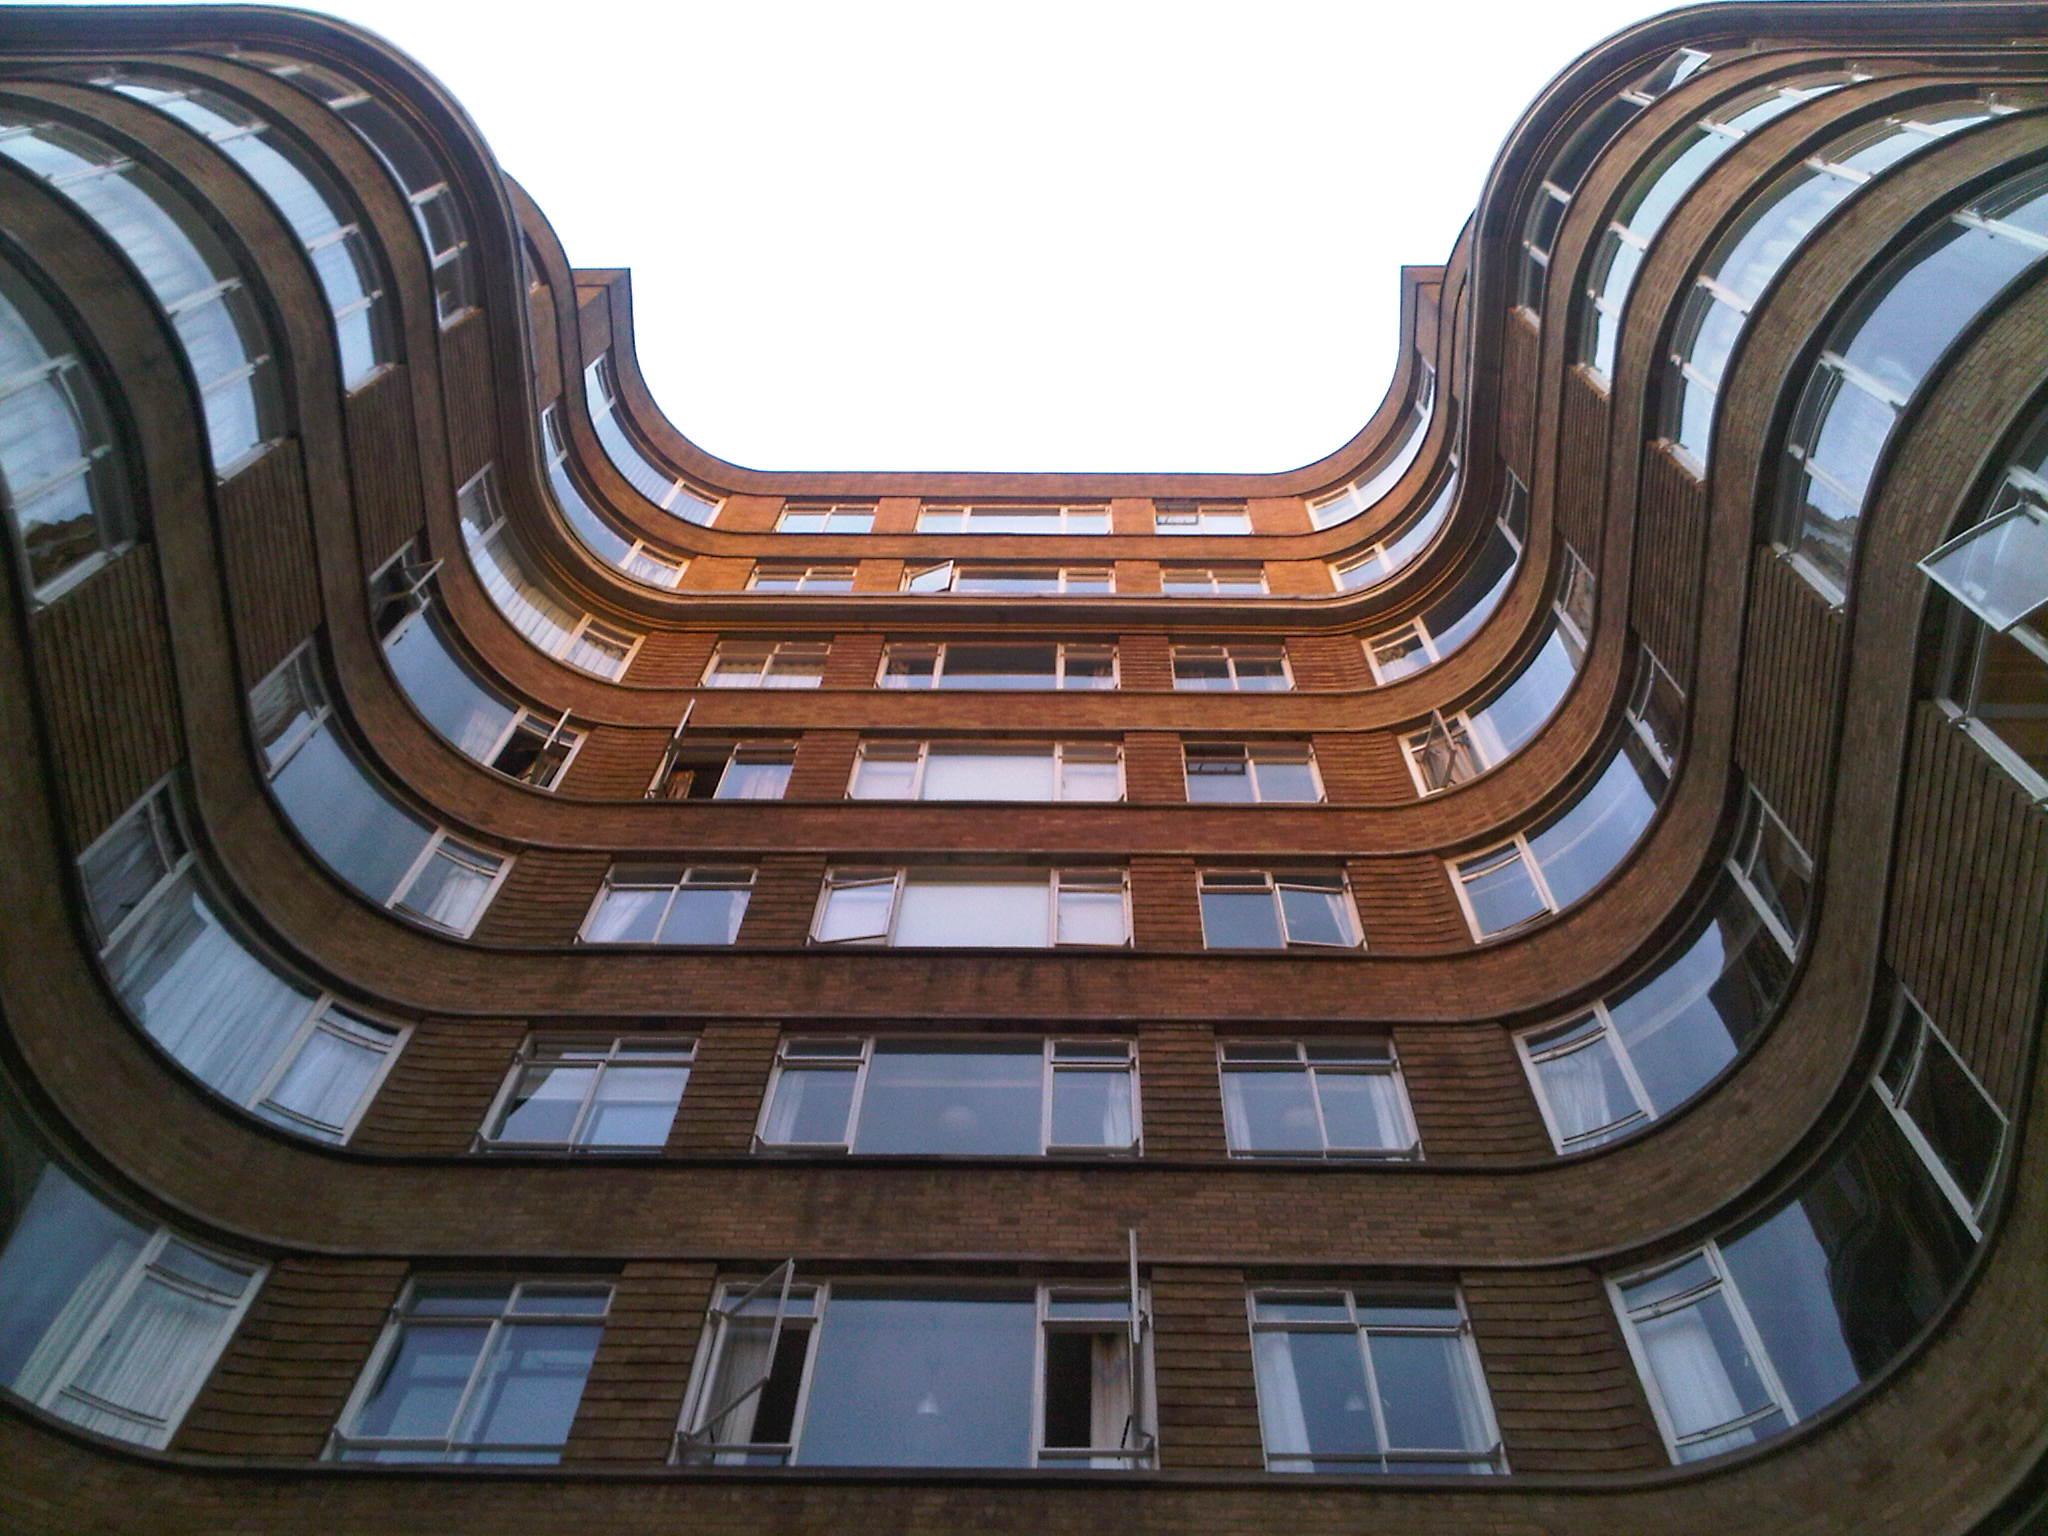 Florin_Court_courved_facade